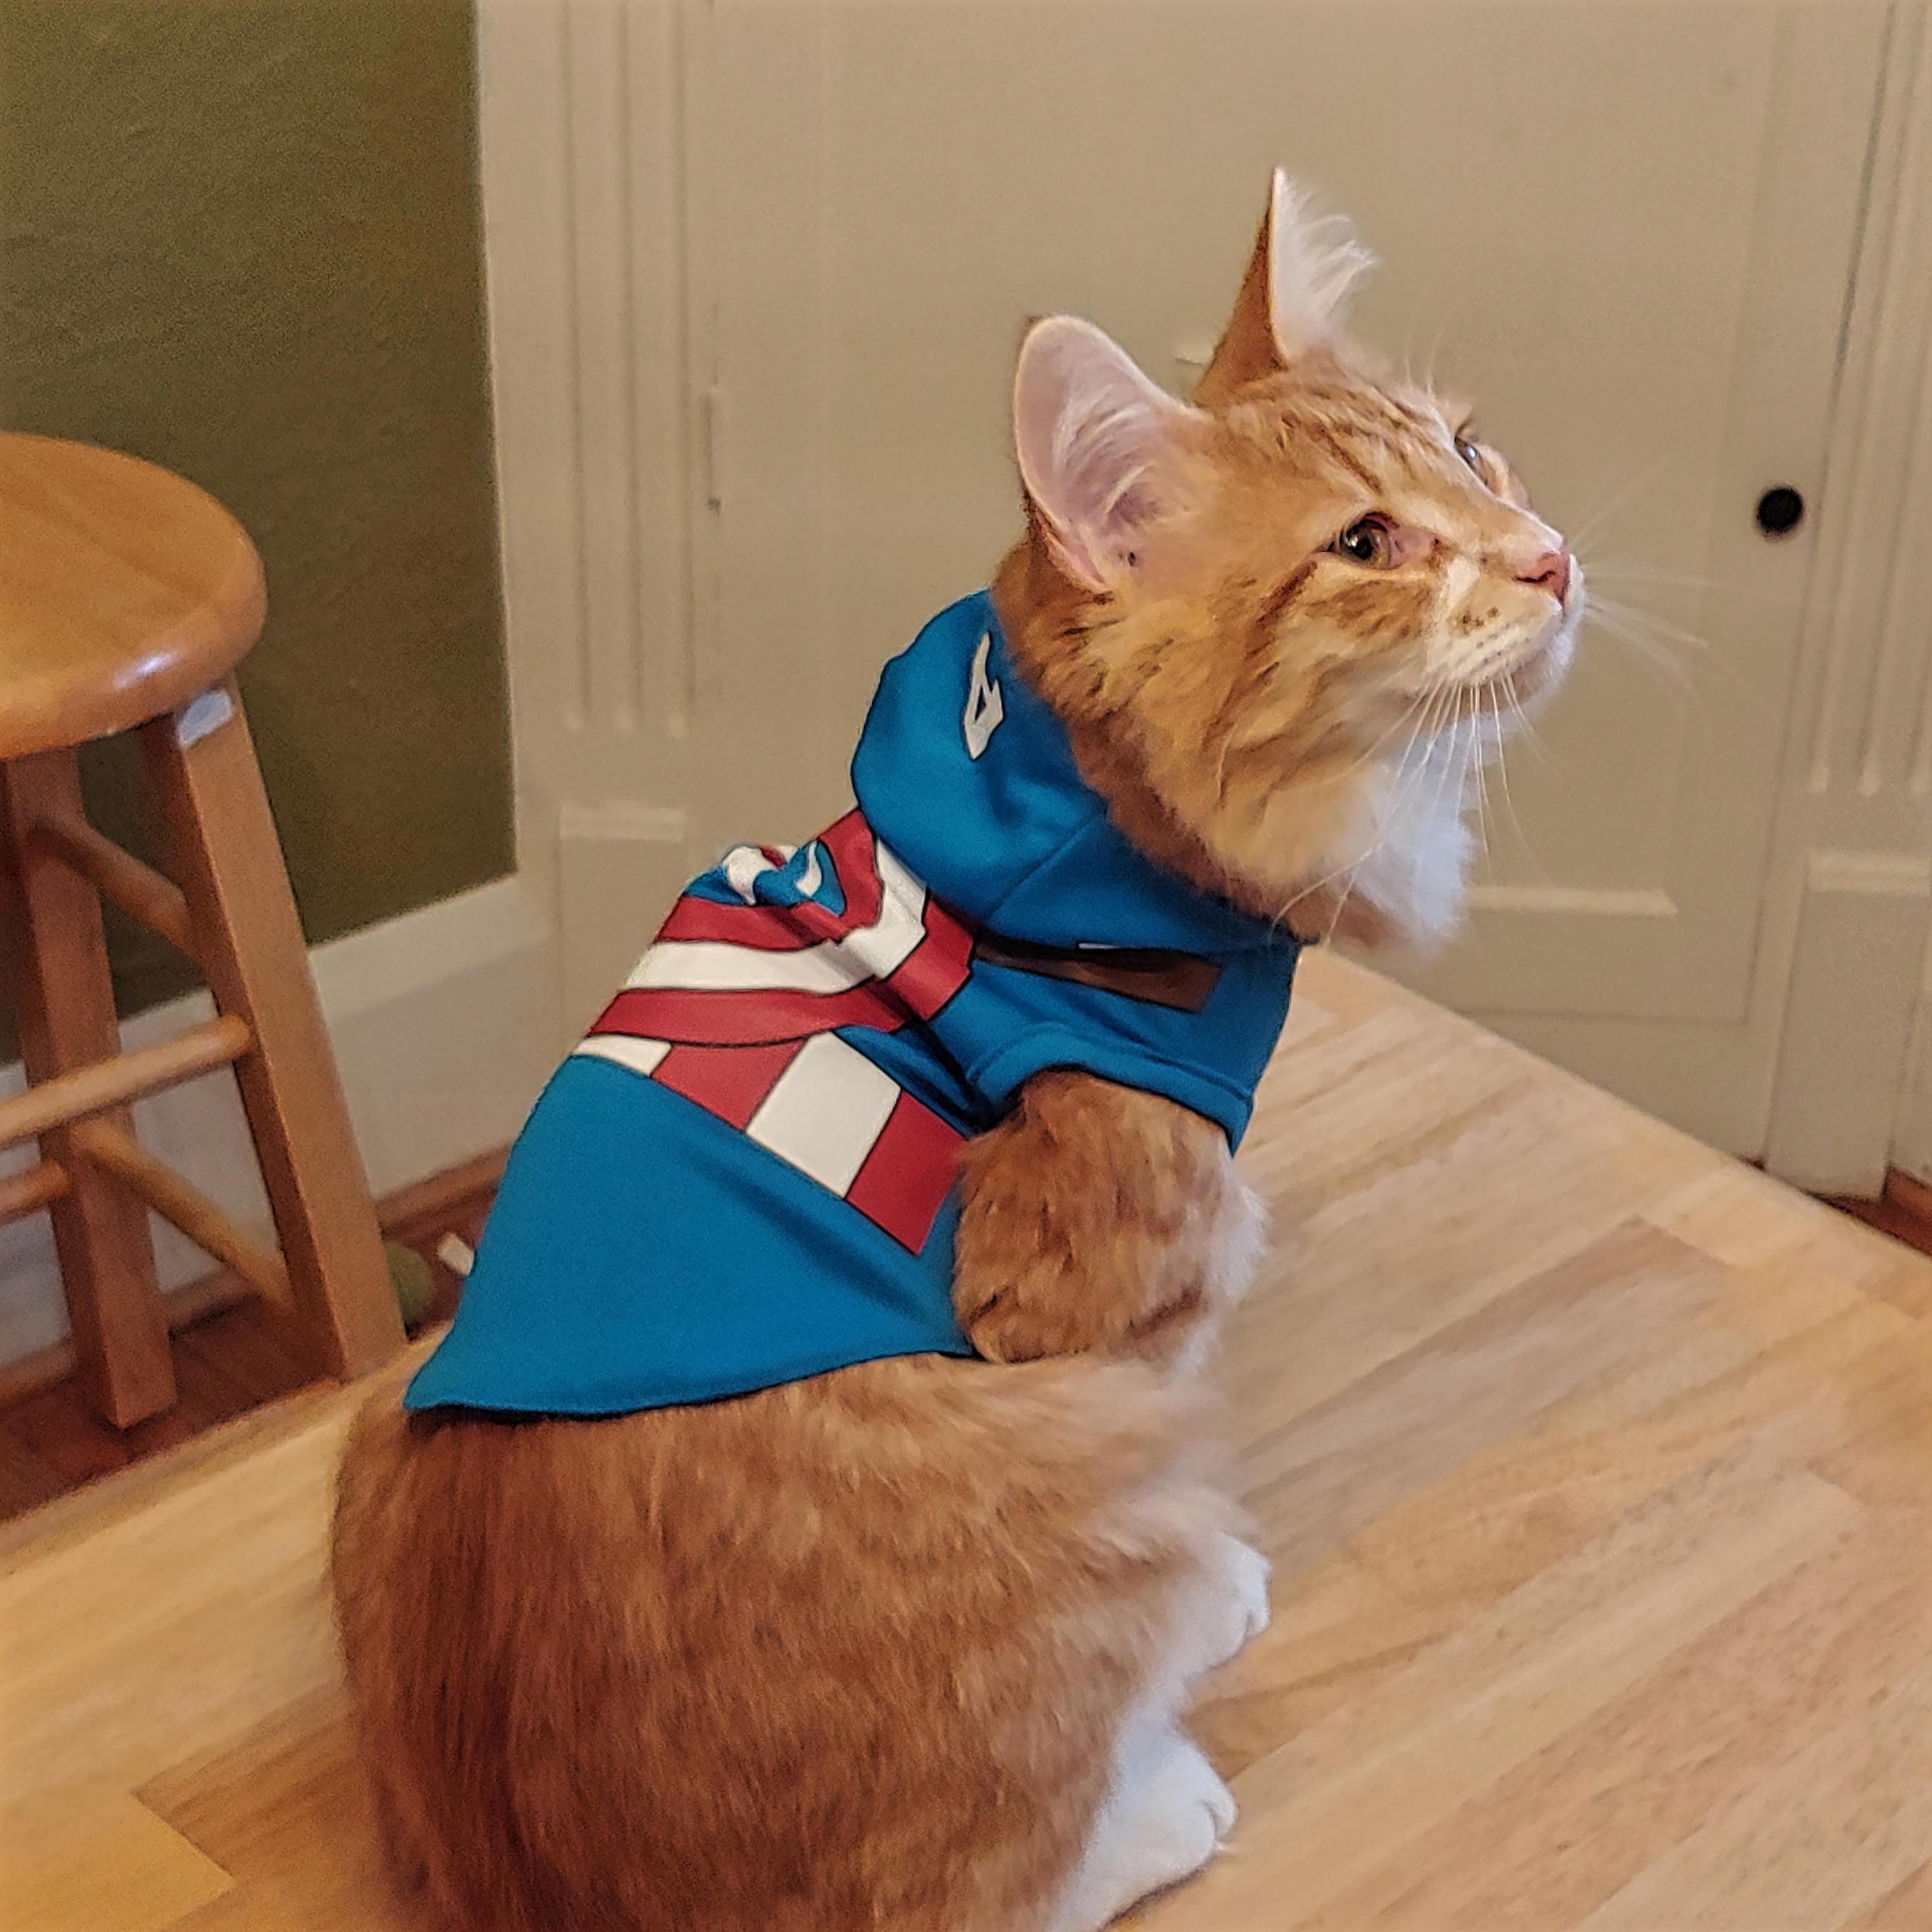 #8 Peter Parker Super Soldier